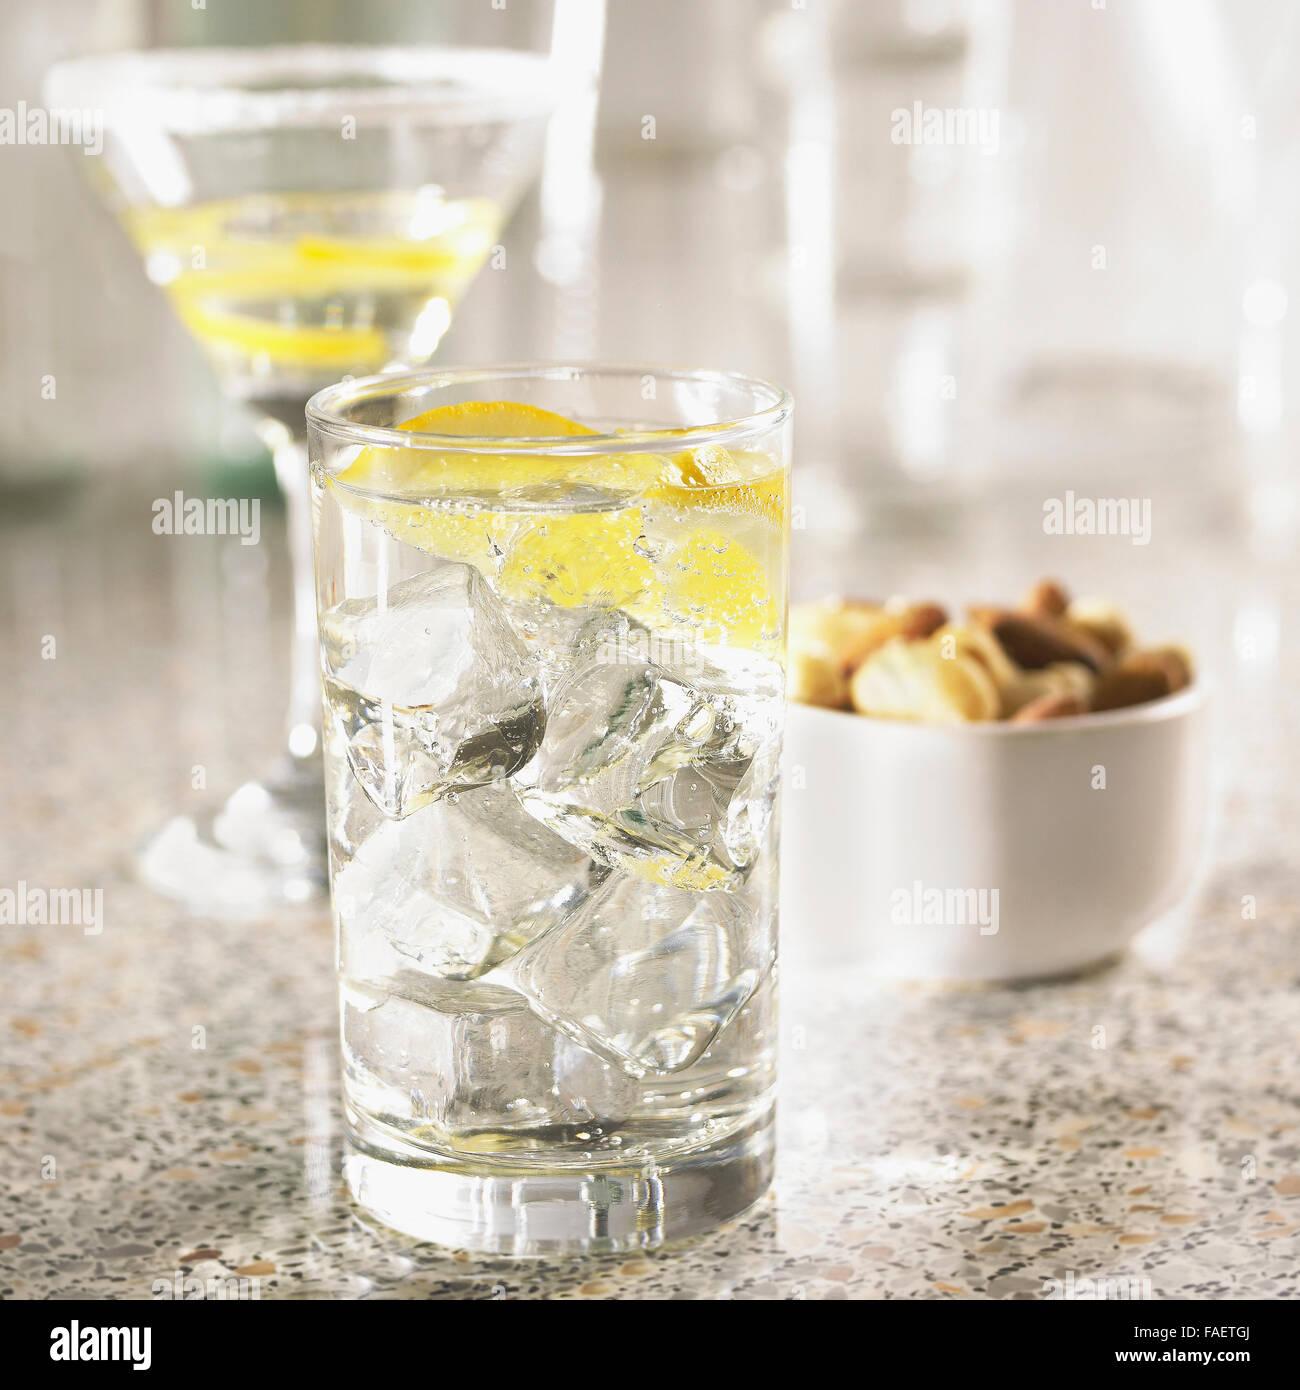 Bicchiere di gin tonic su un banco di bar con cocktail di vuoto bicchieri e noci di acagiù fuori fuoco dietro. Immagini Stock